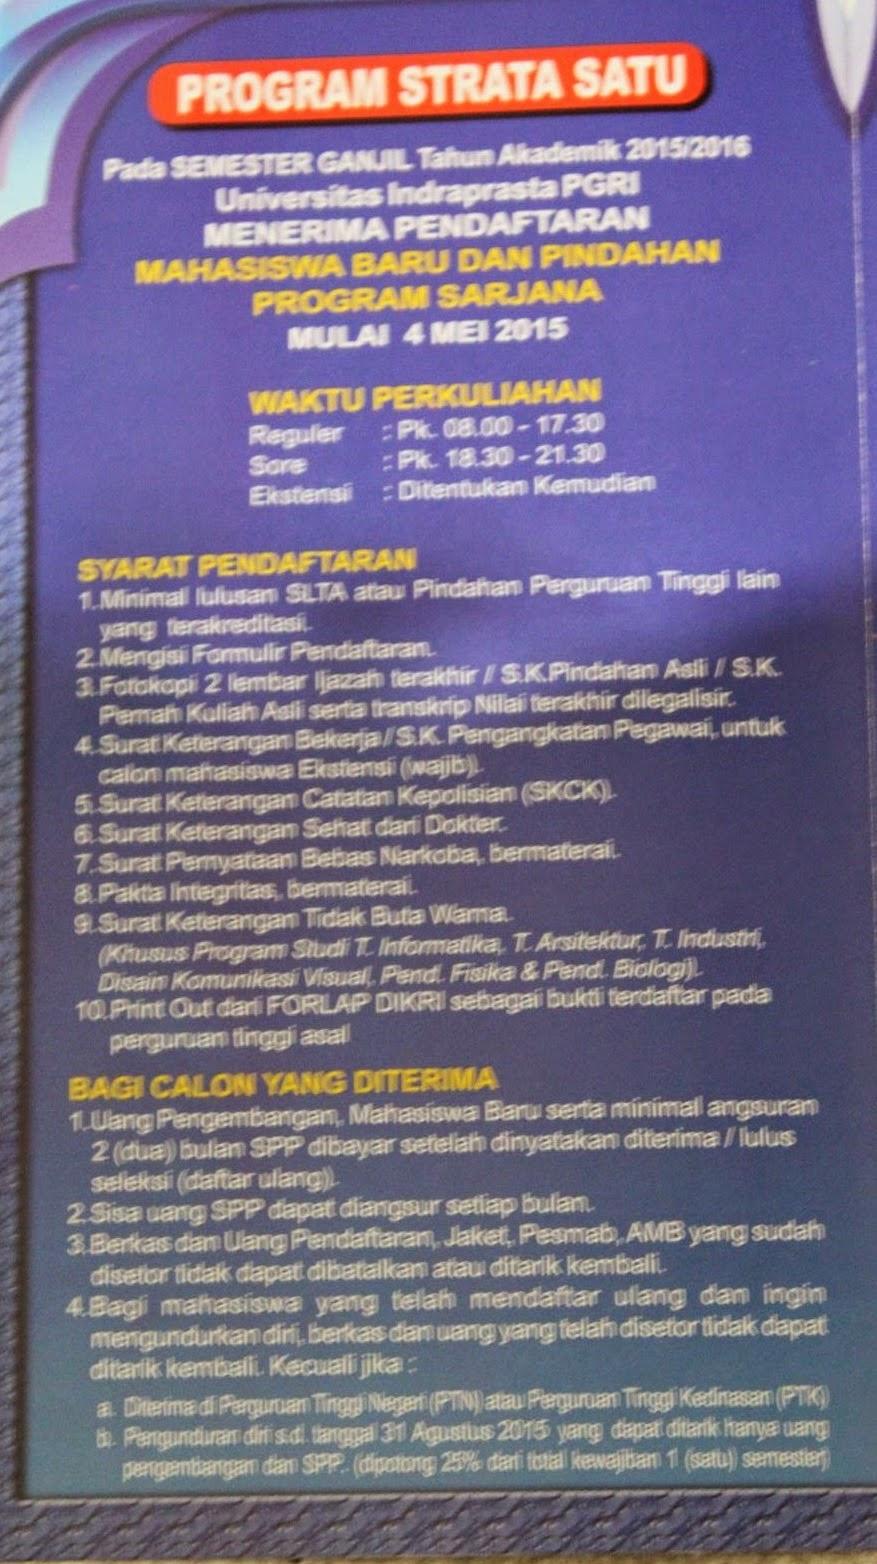 Syarat Pendaftaran Unindra 2015-2016